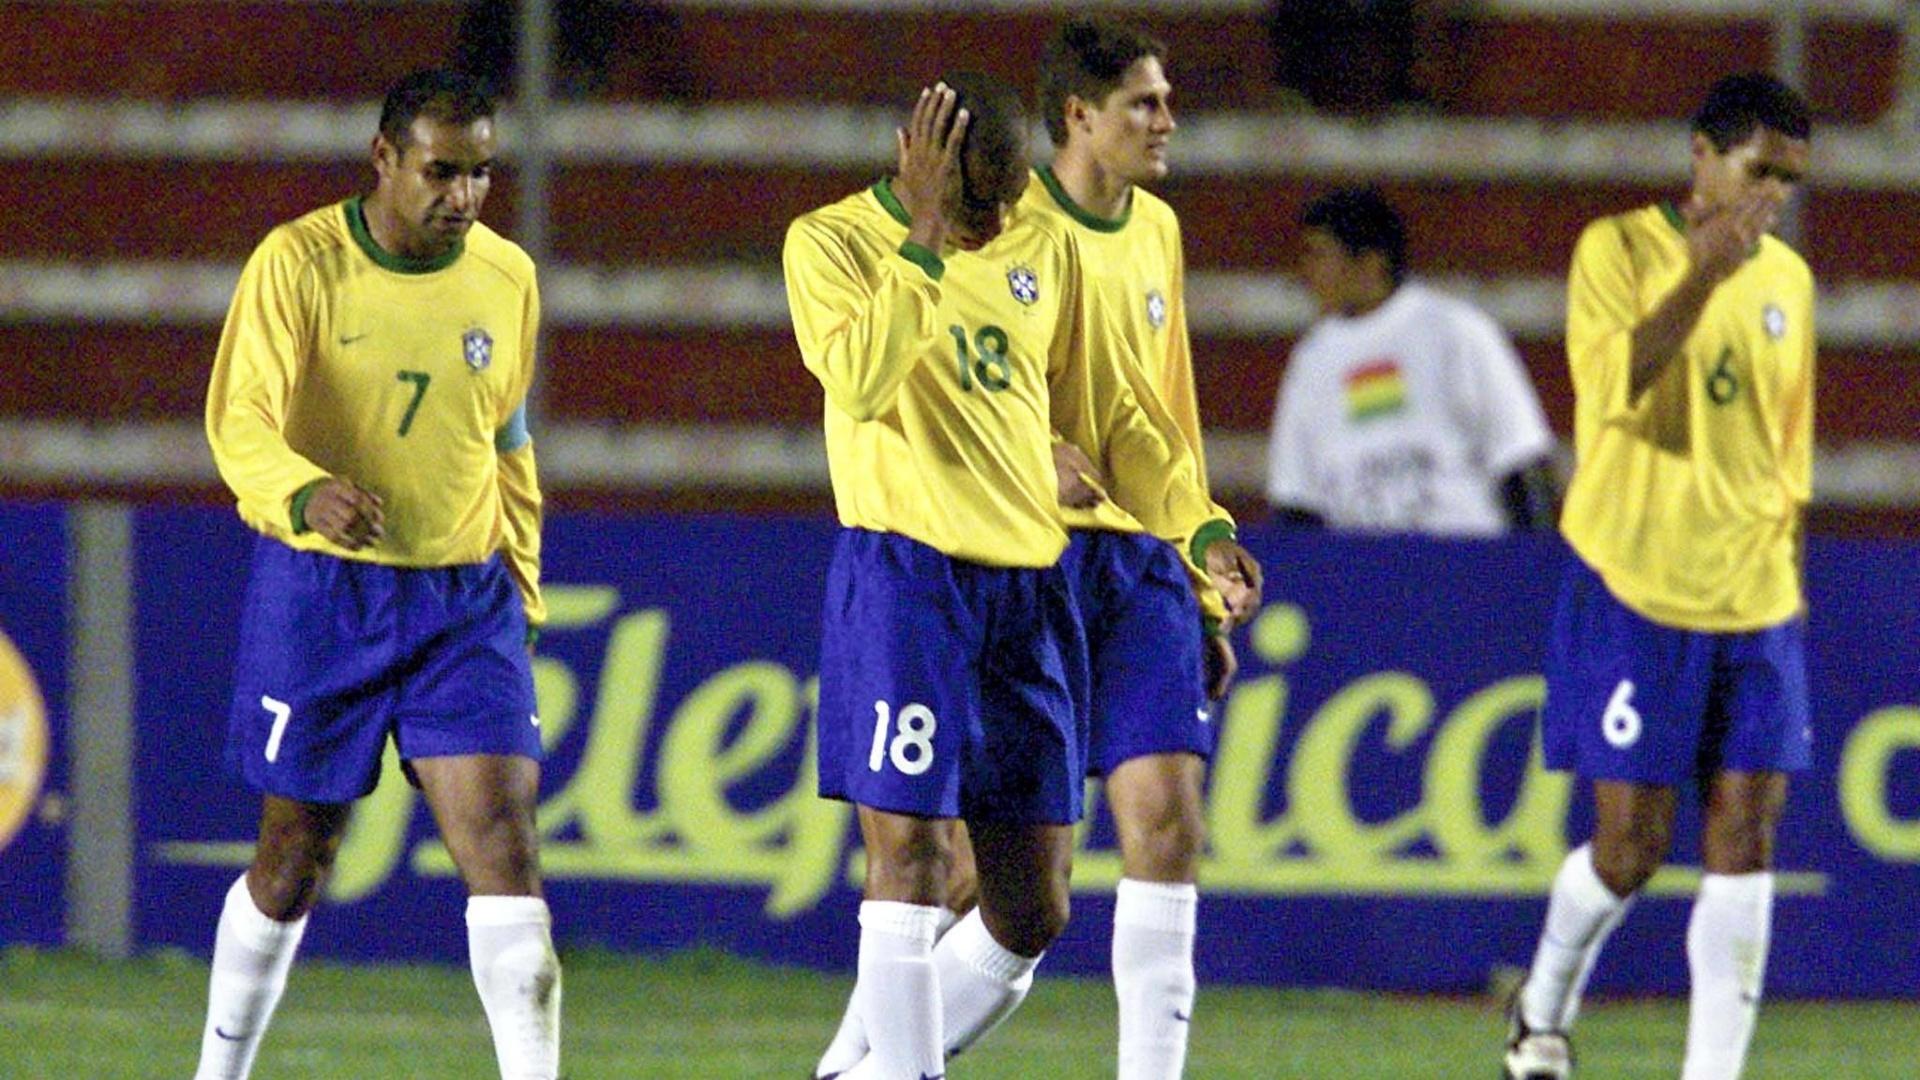 Jogadores da seleção brasileira lamentam gol da Bolívia em jogo válido pelas Eliminatórias para a Copa de 2002